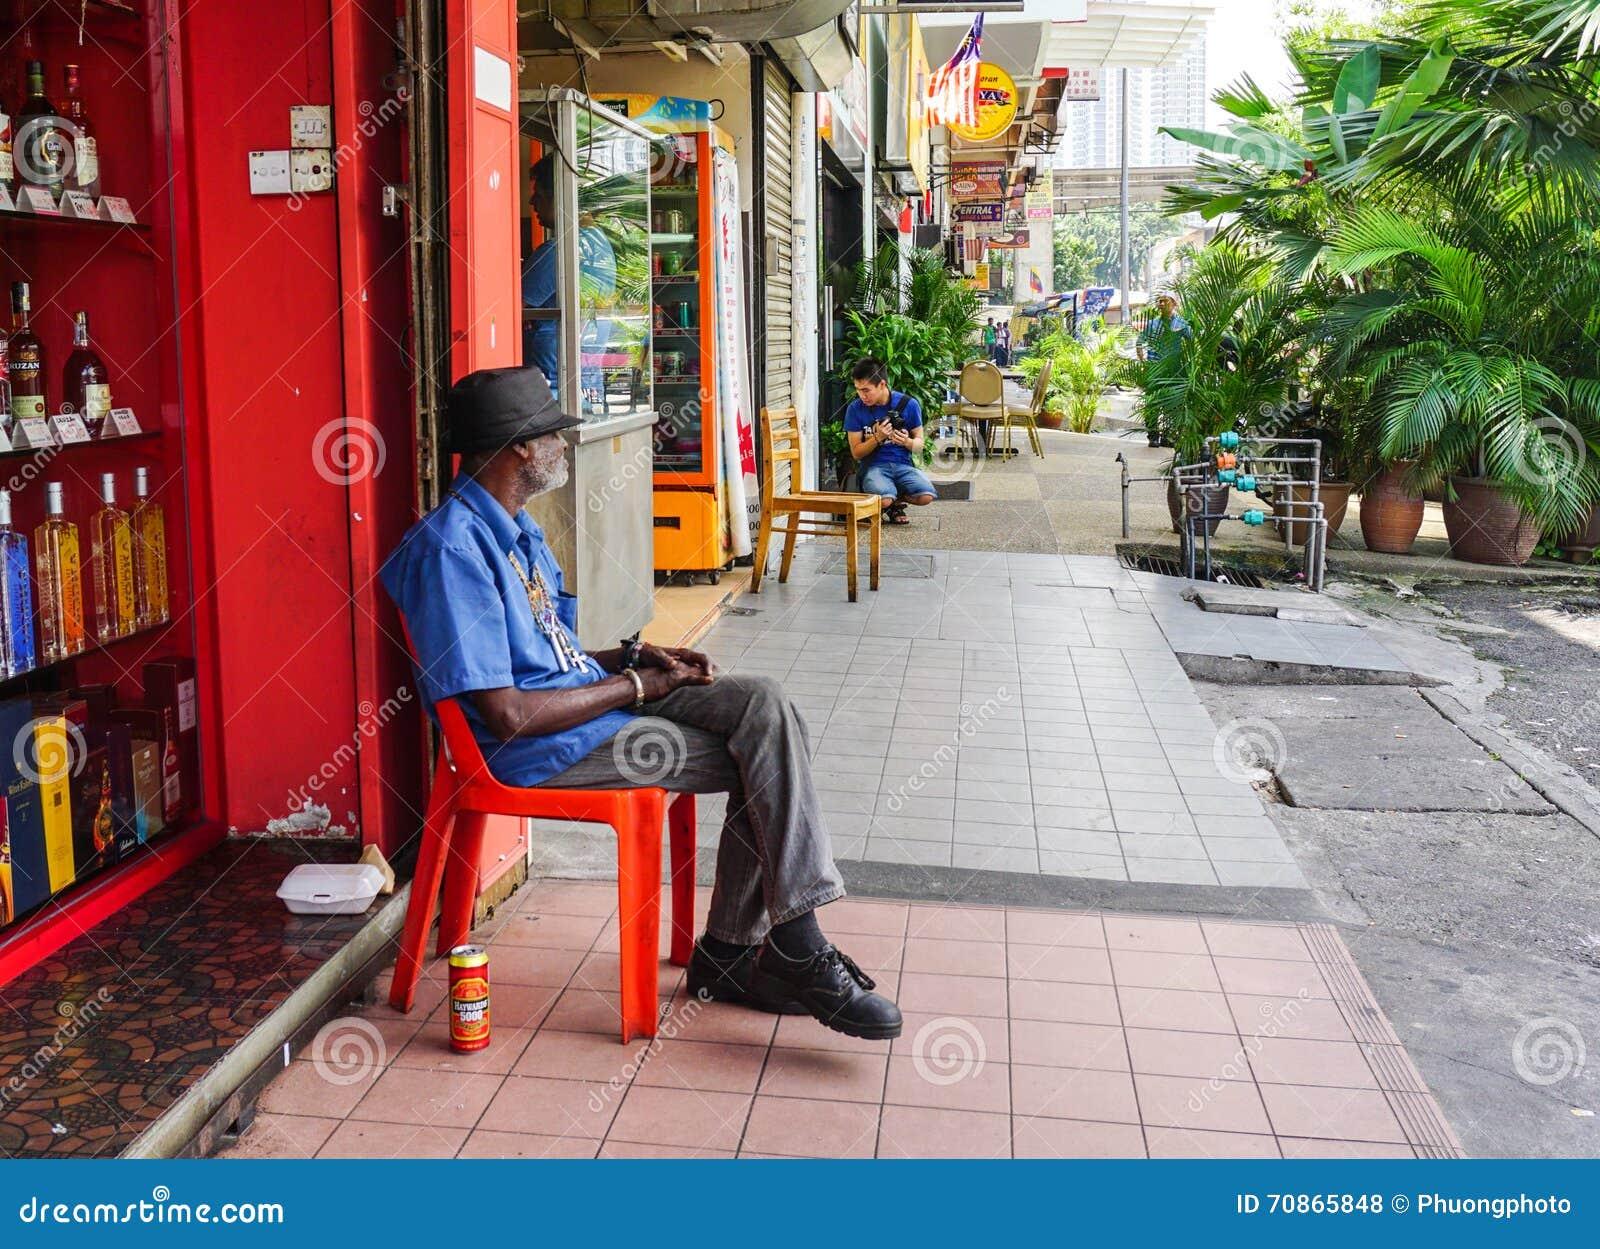 Ett mansammanträde på gatan i Cameron Highlands, Malaysia